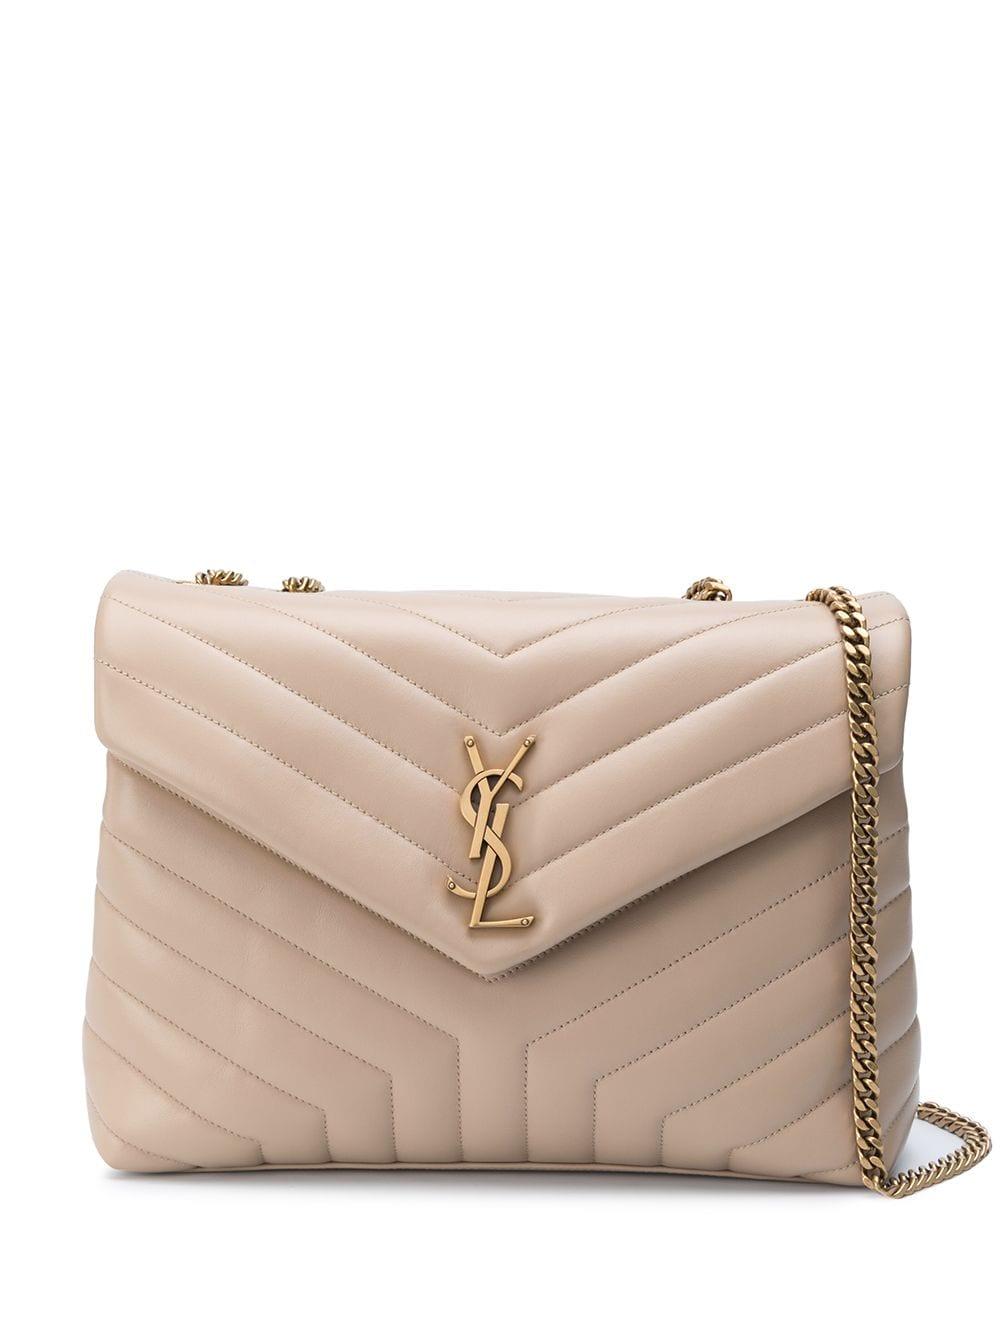 Loulou Leather Shoulder Bag